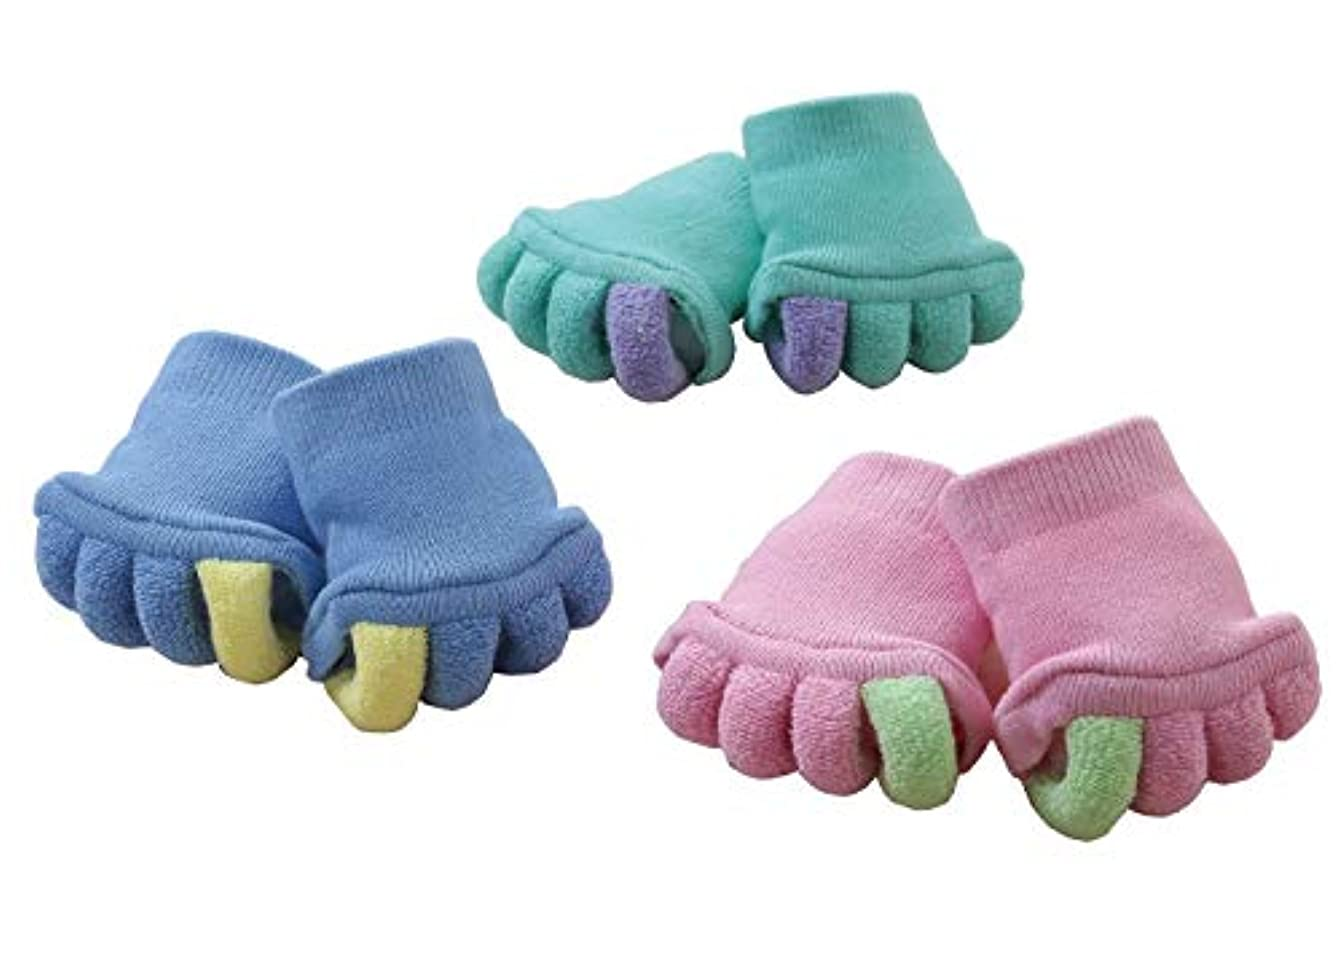 自動的に割るヘクタールふわふわ足指カバー 3色x2 6個組